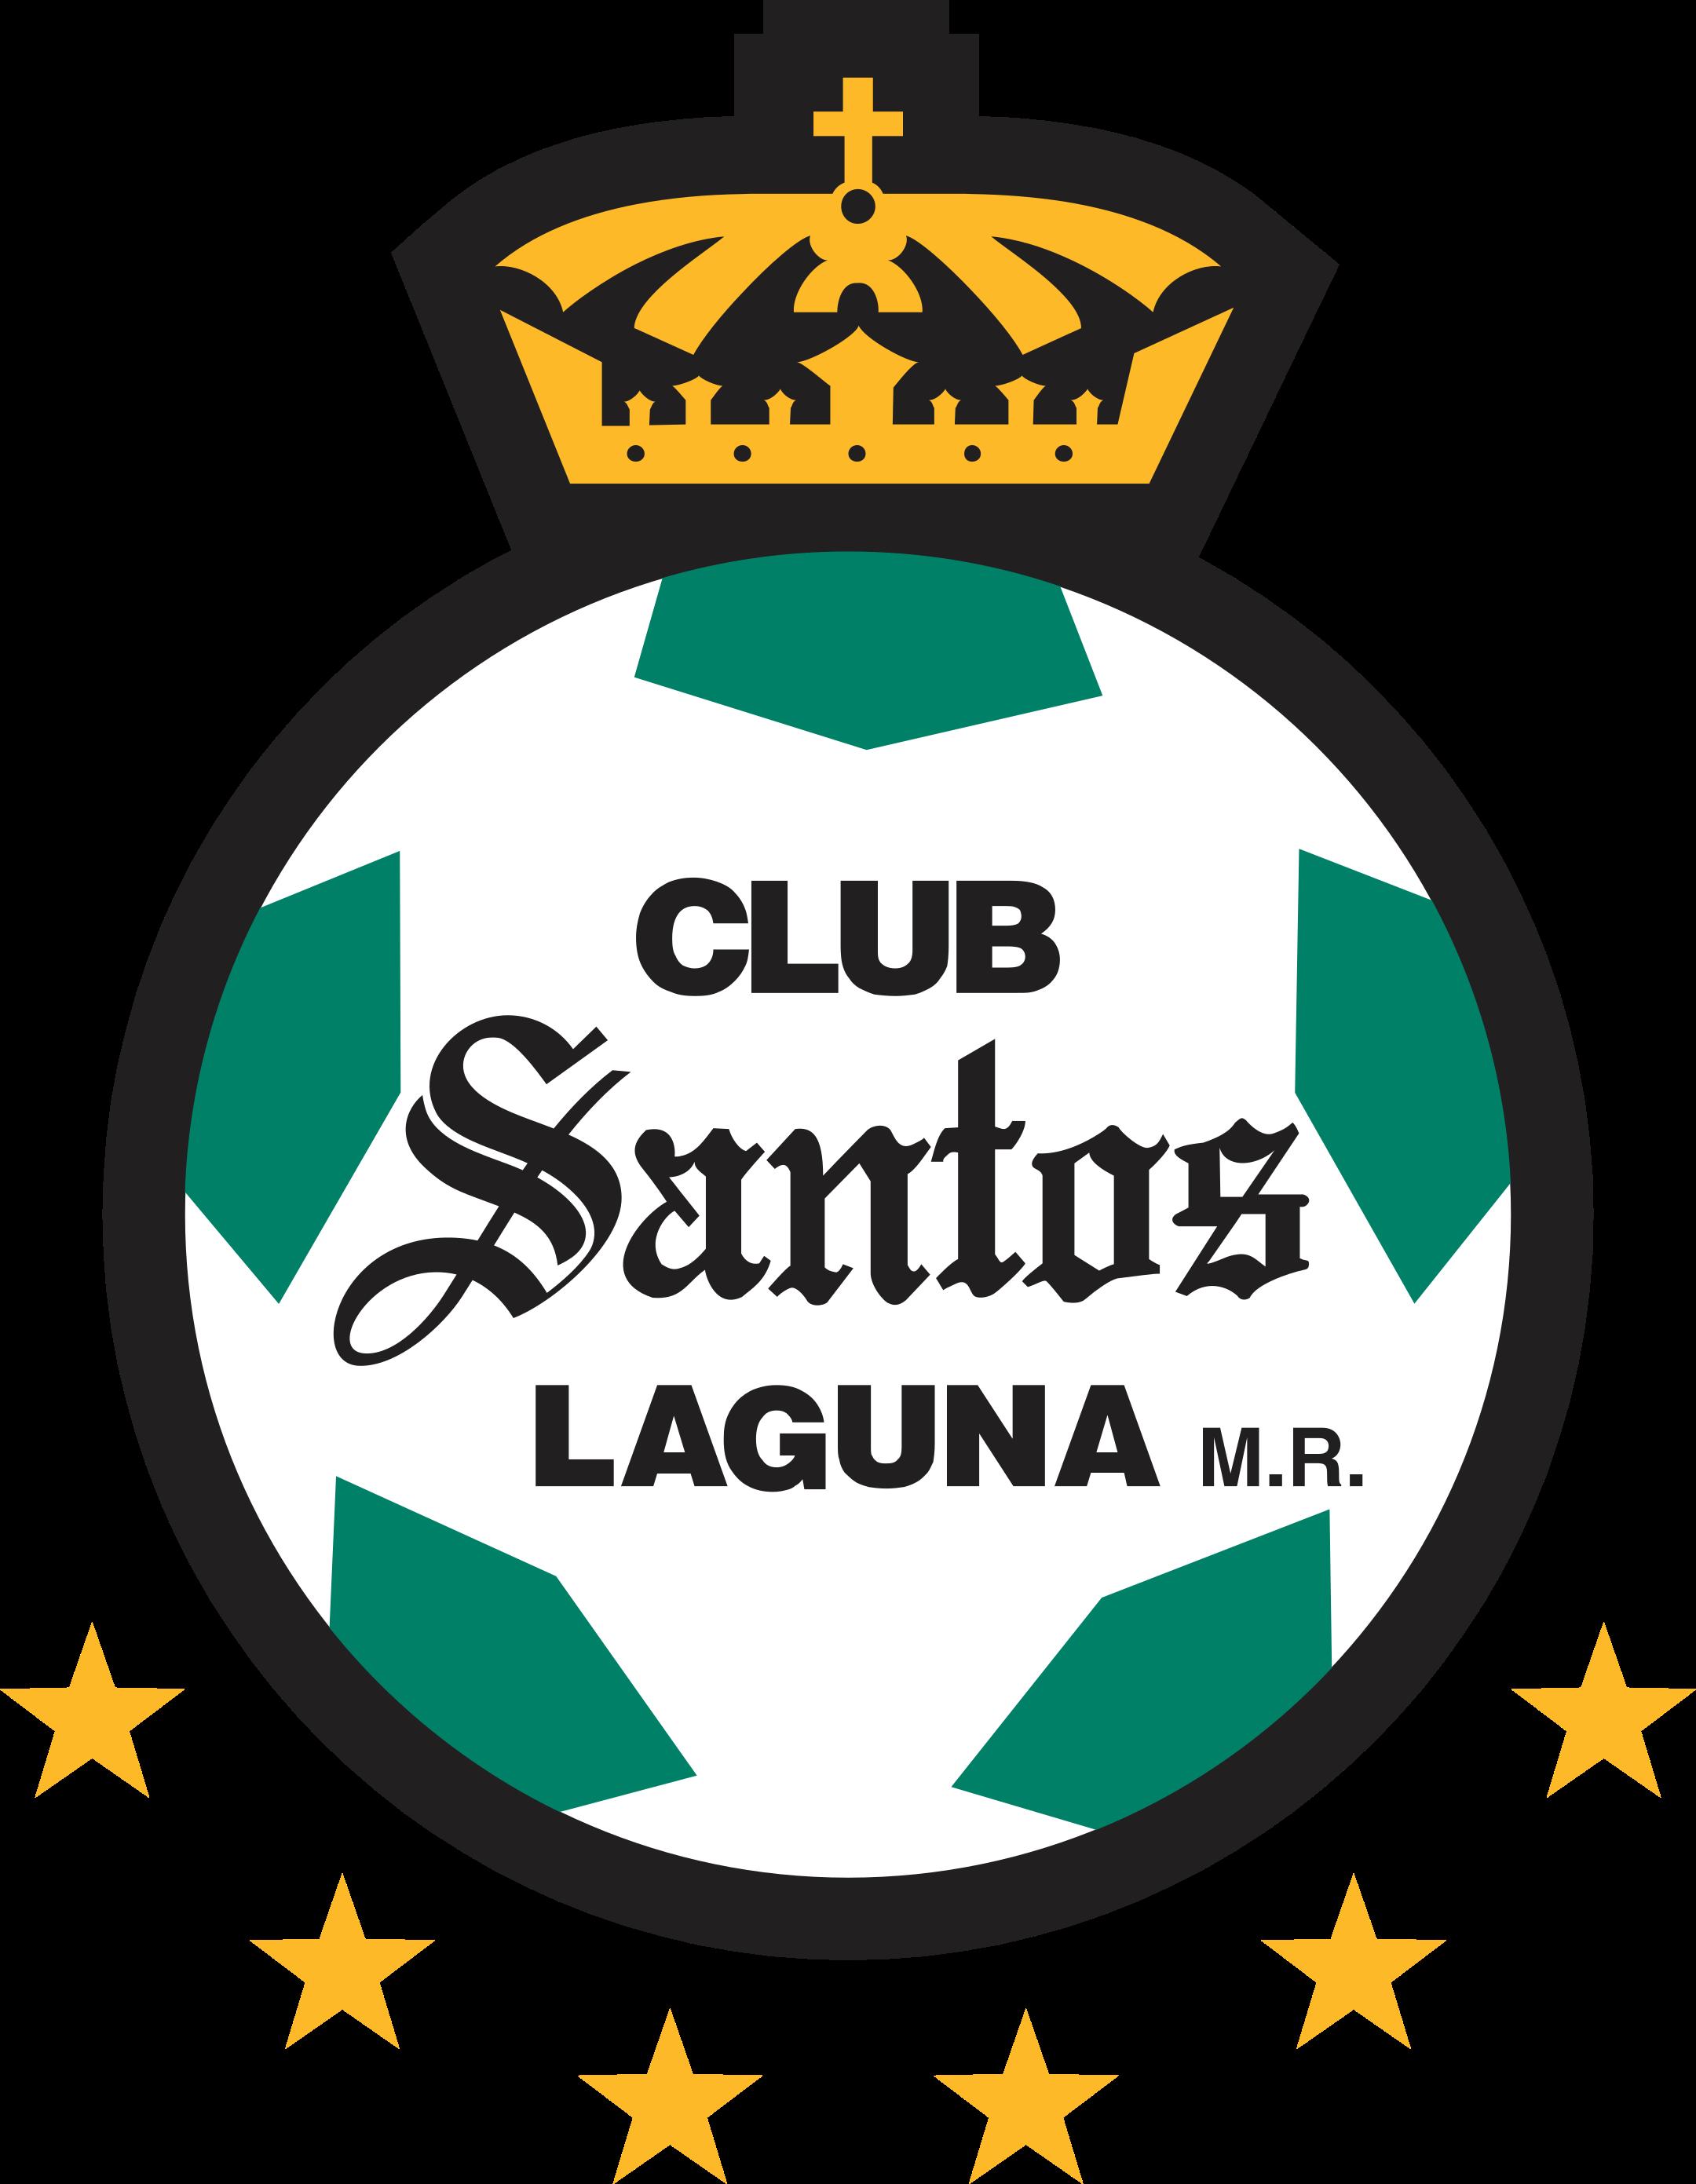 santos laguna logo 1 - Club Santos Laguna Logo